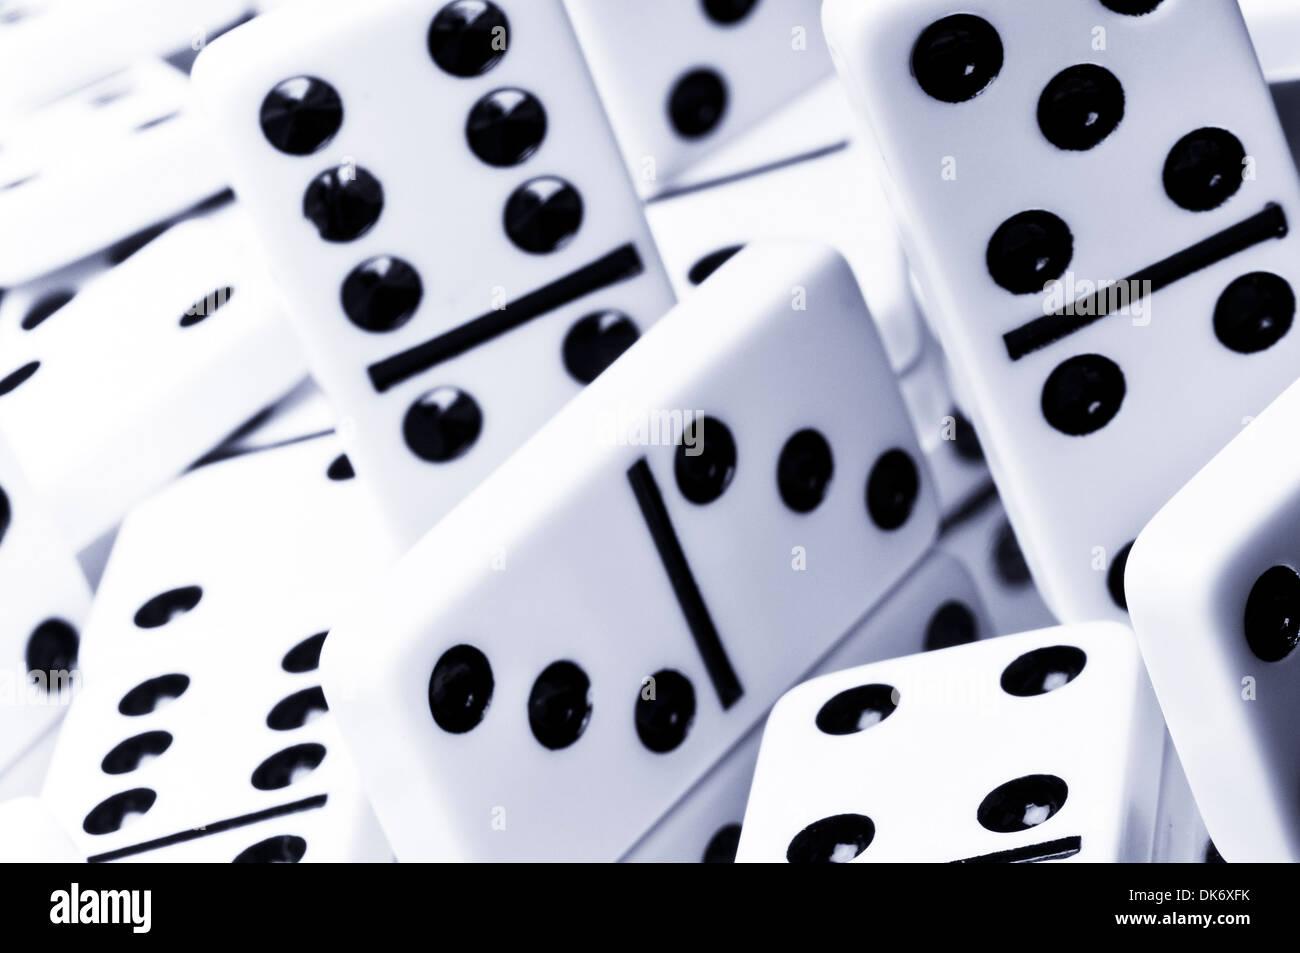 Bianco Avorio pezzi del domino sfondo Immagini Stock